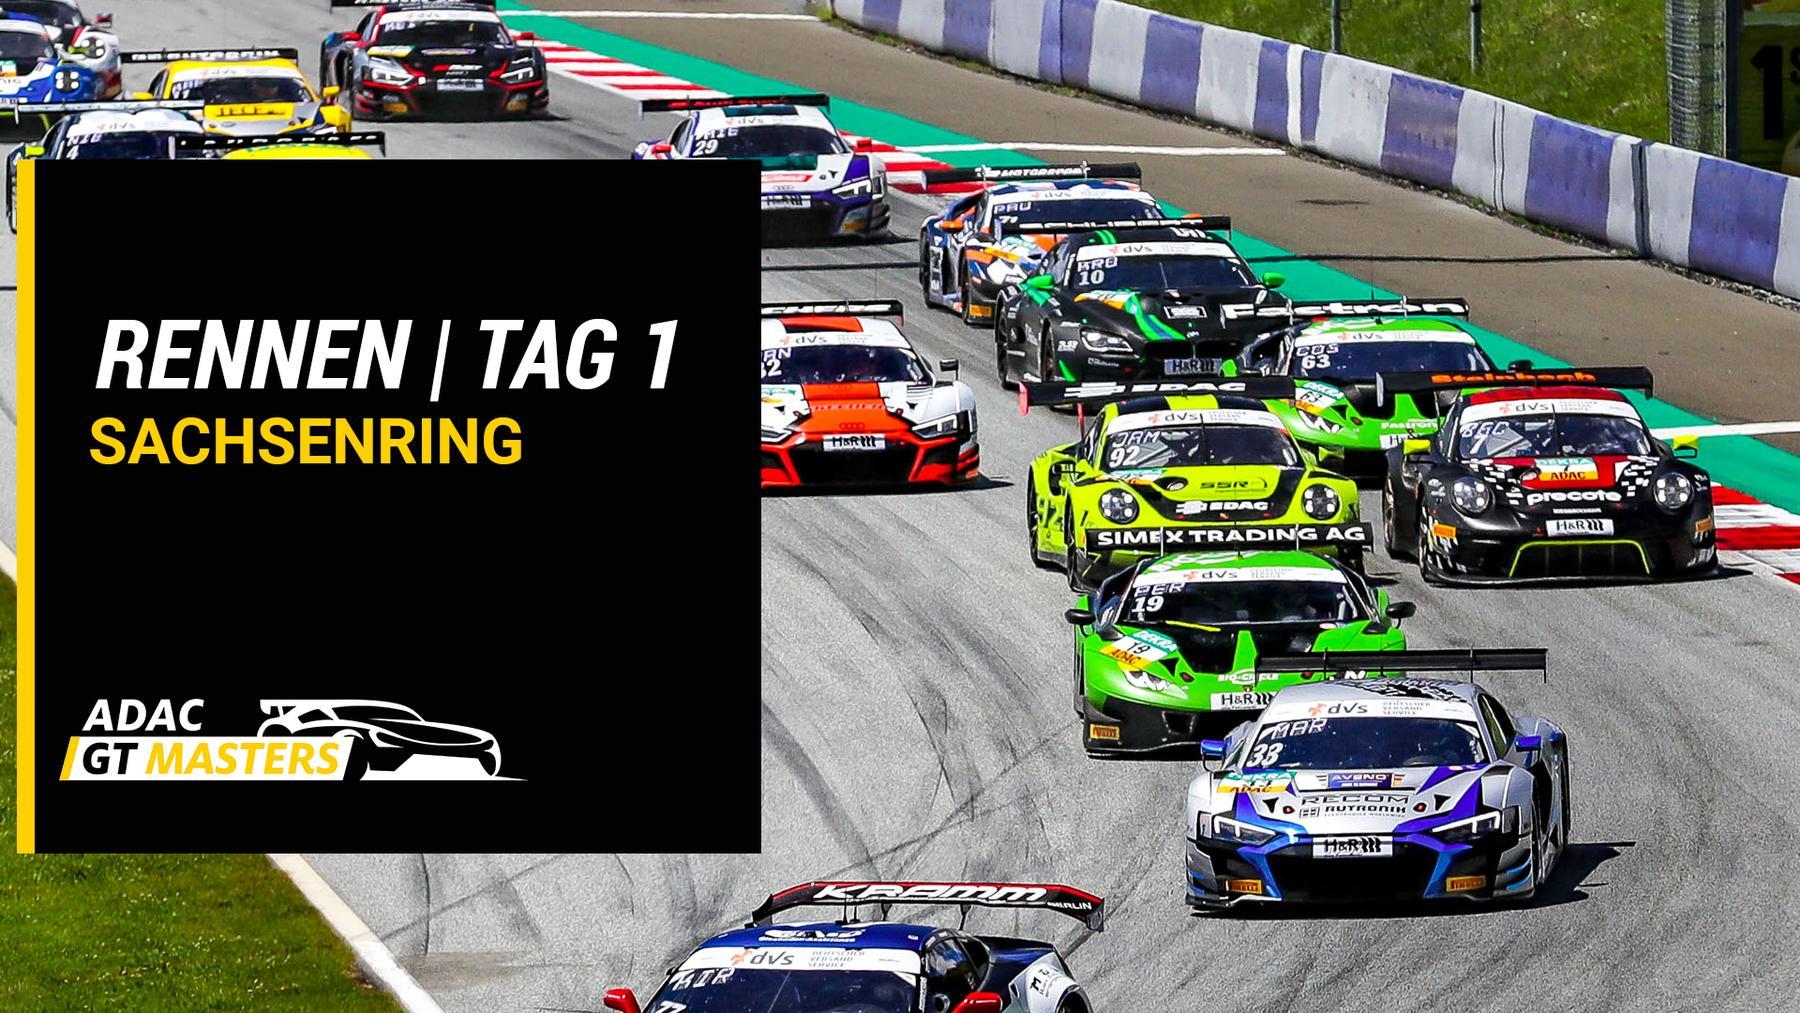 Sachsenring - Rennen 1